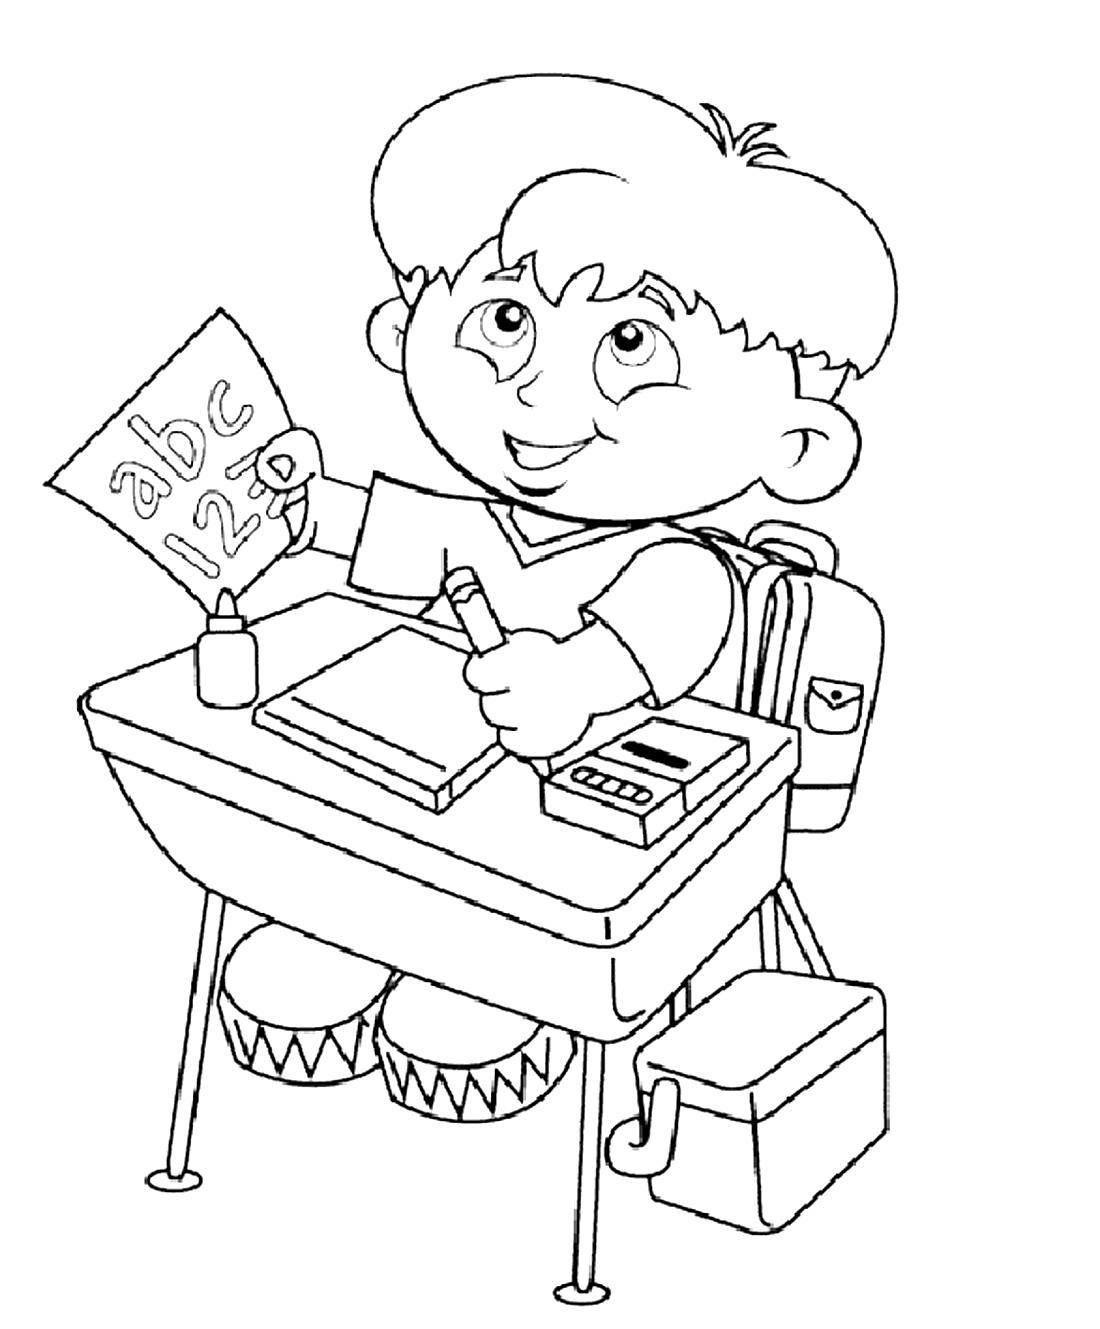 Мальчик пишет картинка раскраска